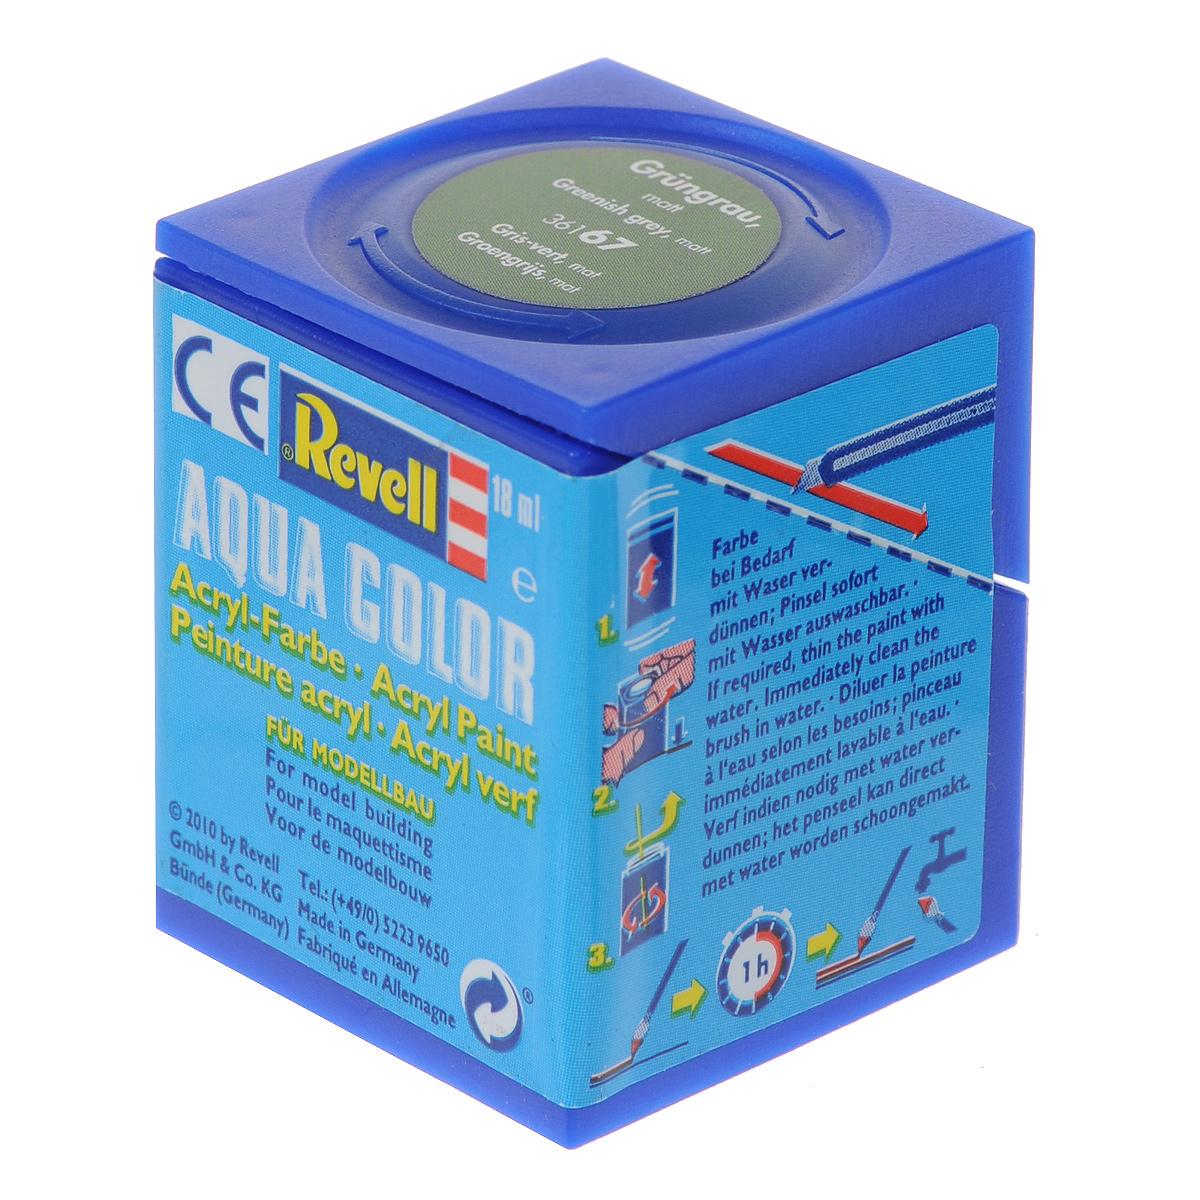 Revell Аква-краска матовая цвет серо-зеленый 18 мл36167Краски для моделей Revell - это высококачественный материал для покраски ваших моделей. Данная краска служит для окрашивания пластиковых поверхностей сборных моделей Revell. В баночке содержится 18 мл матовой краски. В случае необходимости различные оттенки эмали могут быть смешаны друг с другом, для разбавления используется Revell Color Mix.